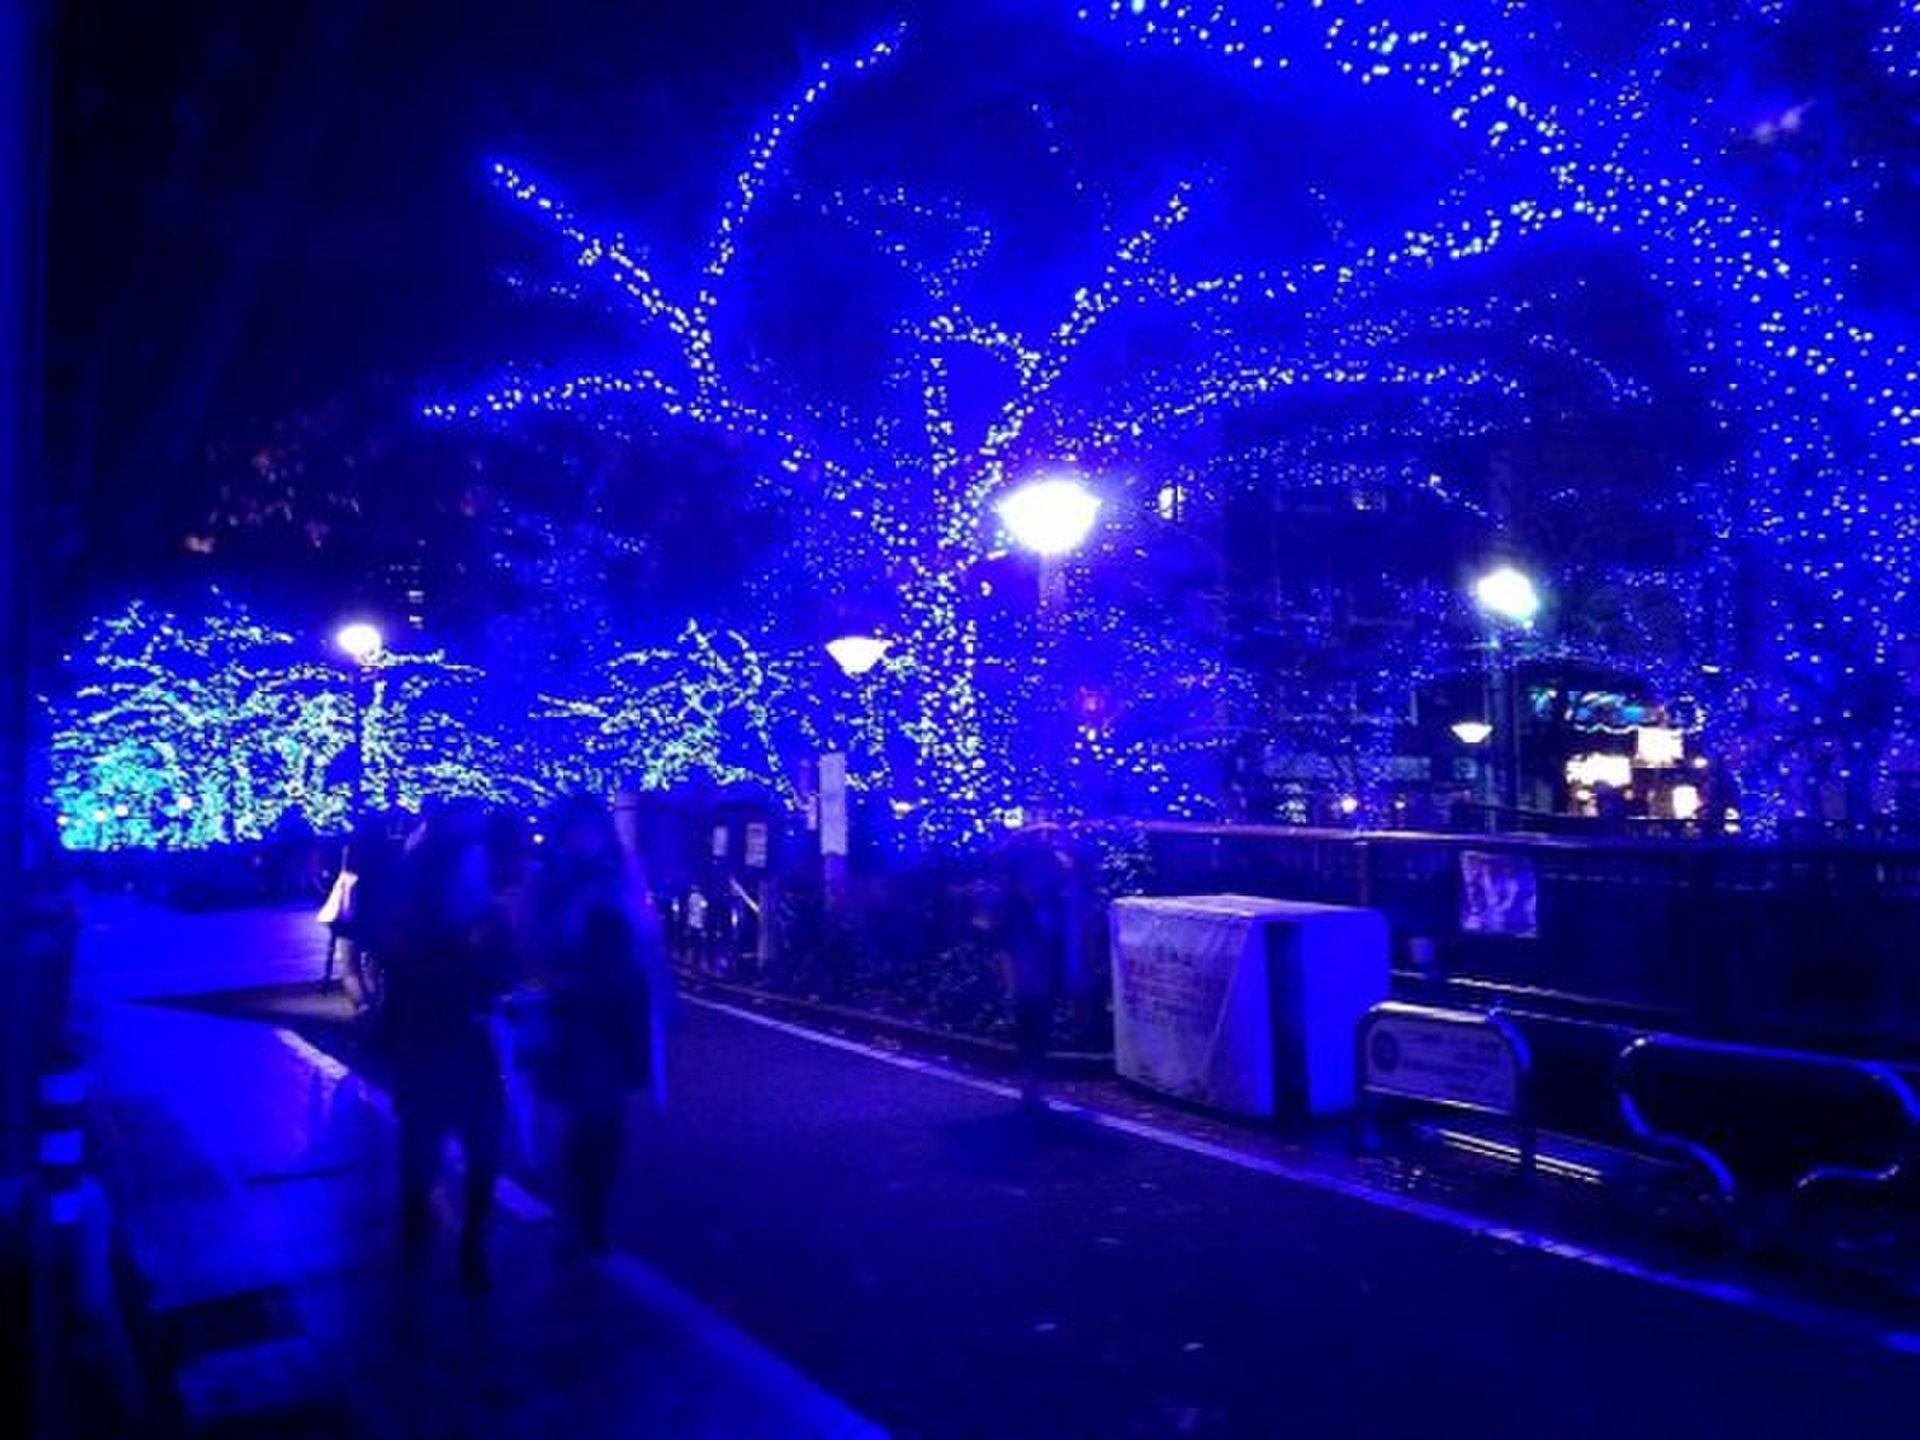 【2014年スタート!中目黒の「青の洞窟」でイルミネーションデート】冬のクリスマスにおすすめコース